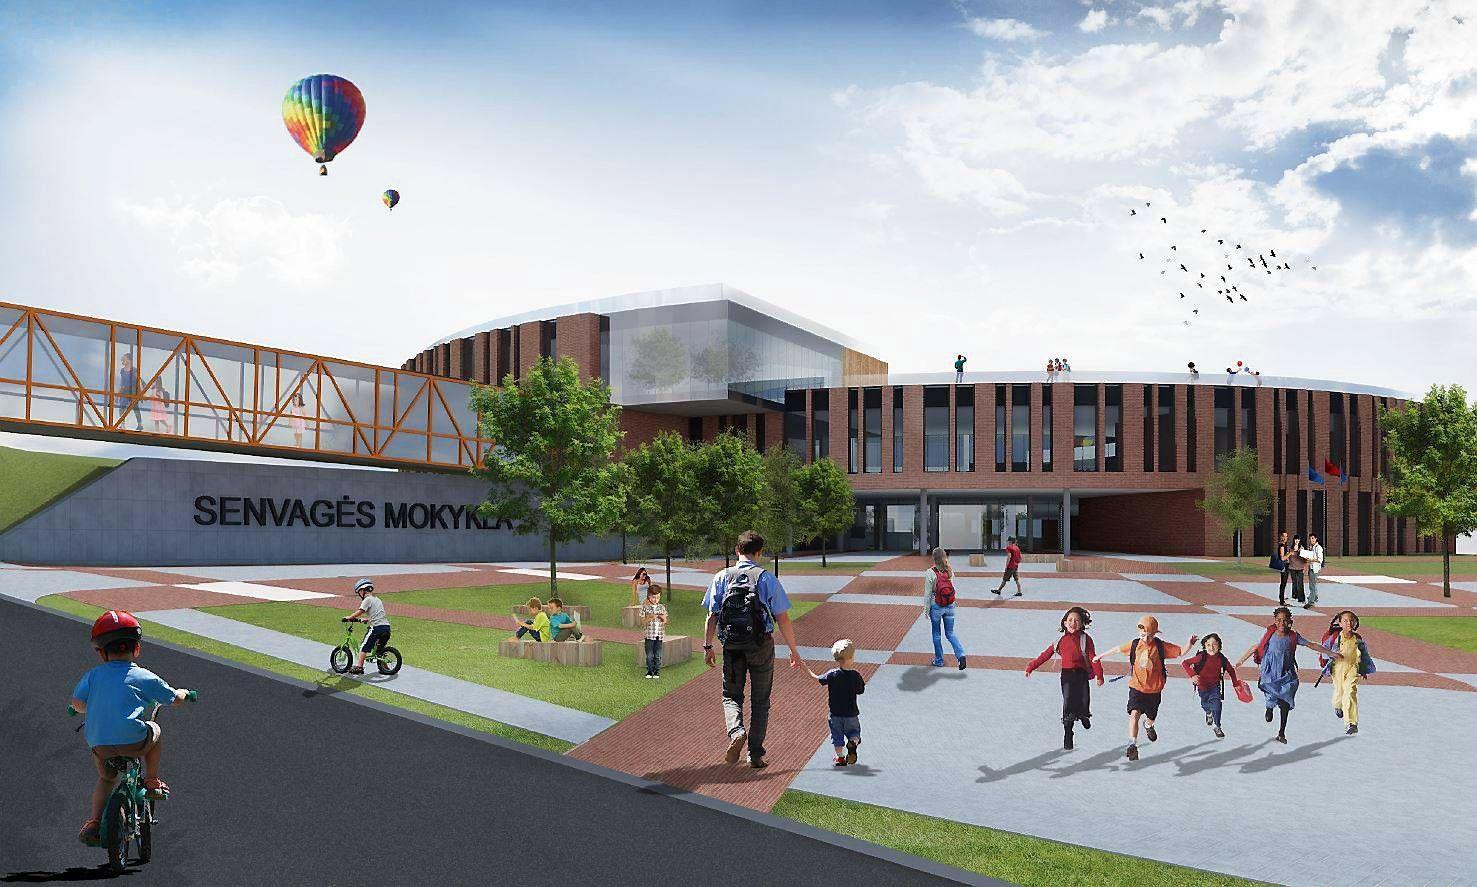 Klaipėdoje už 6 mln. Eur bus statoma nauja mokykla